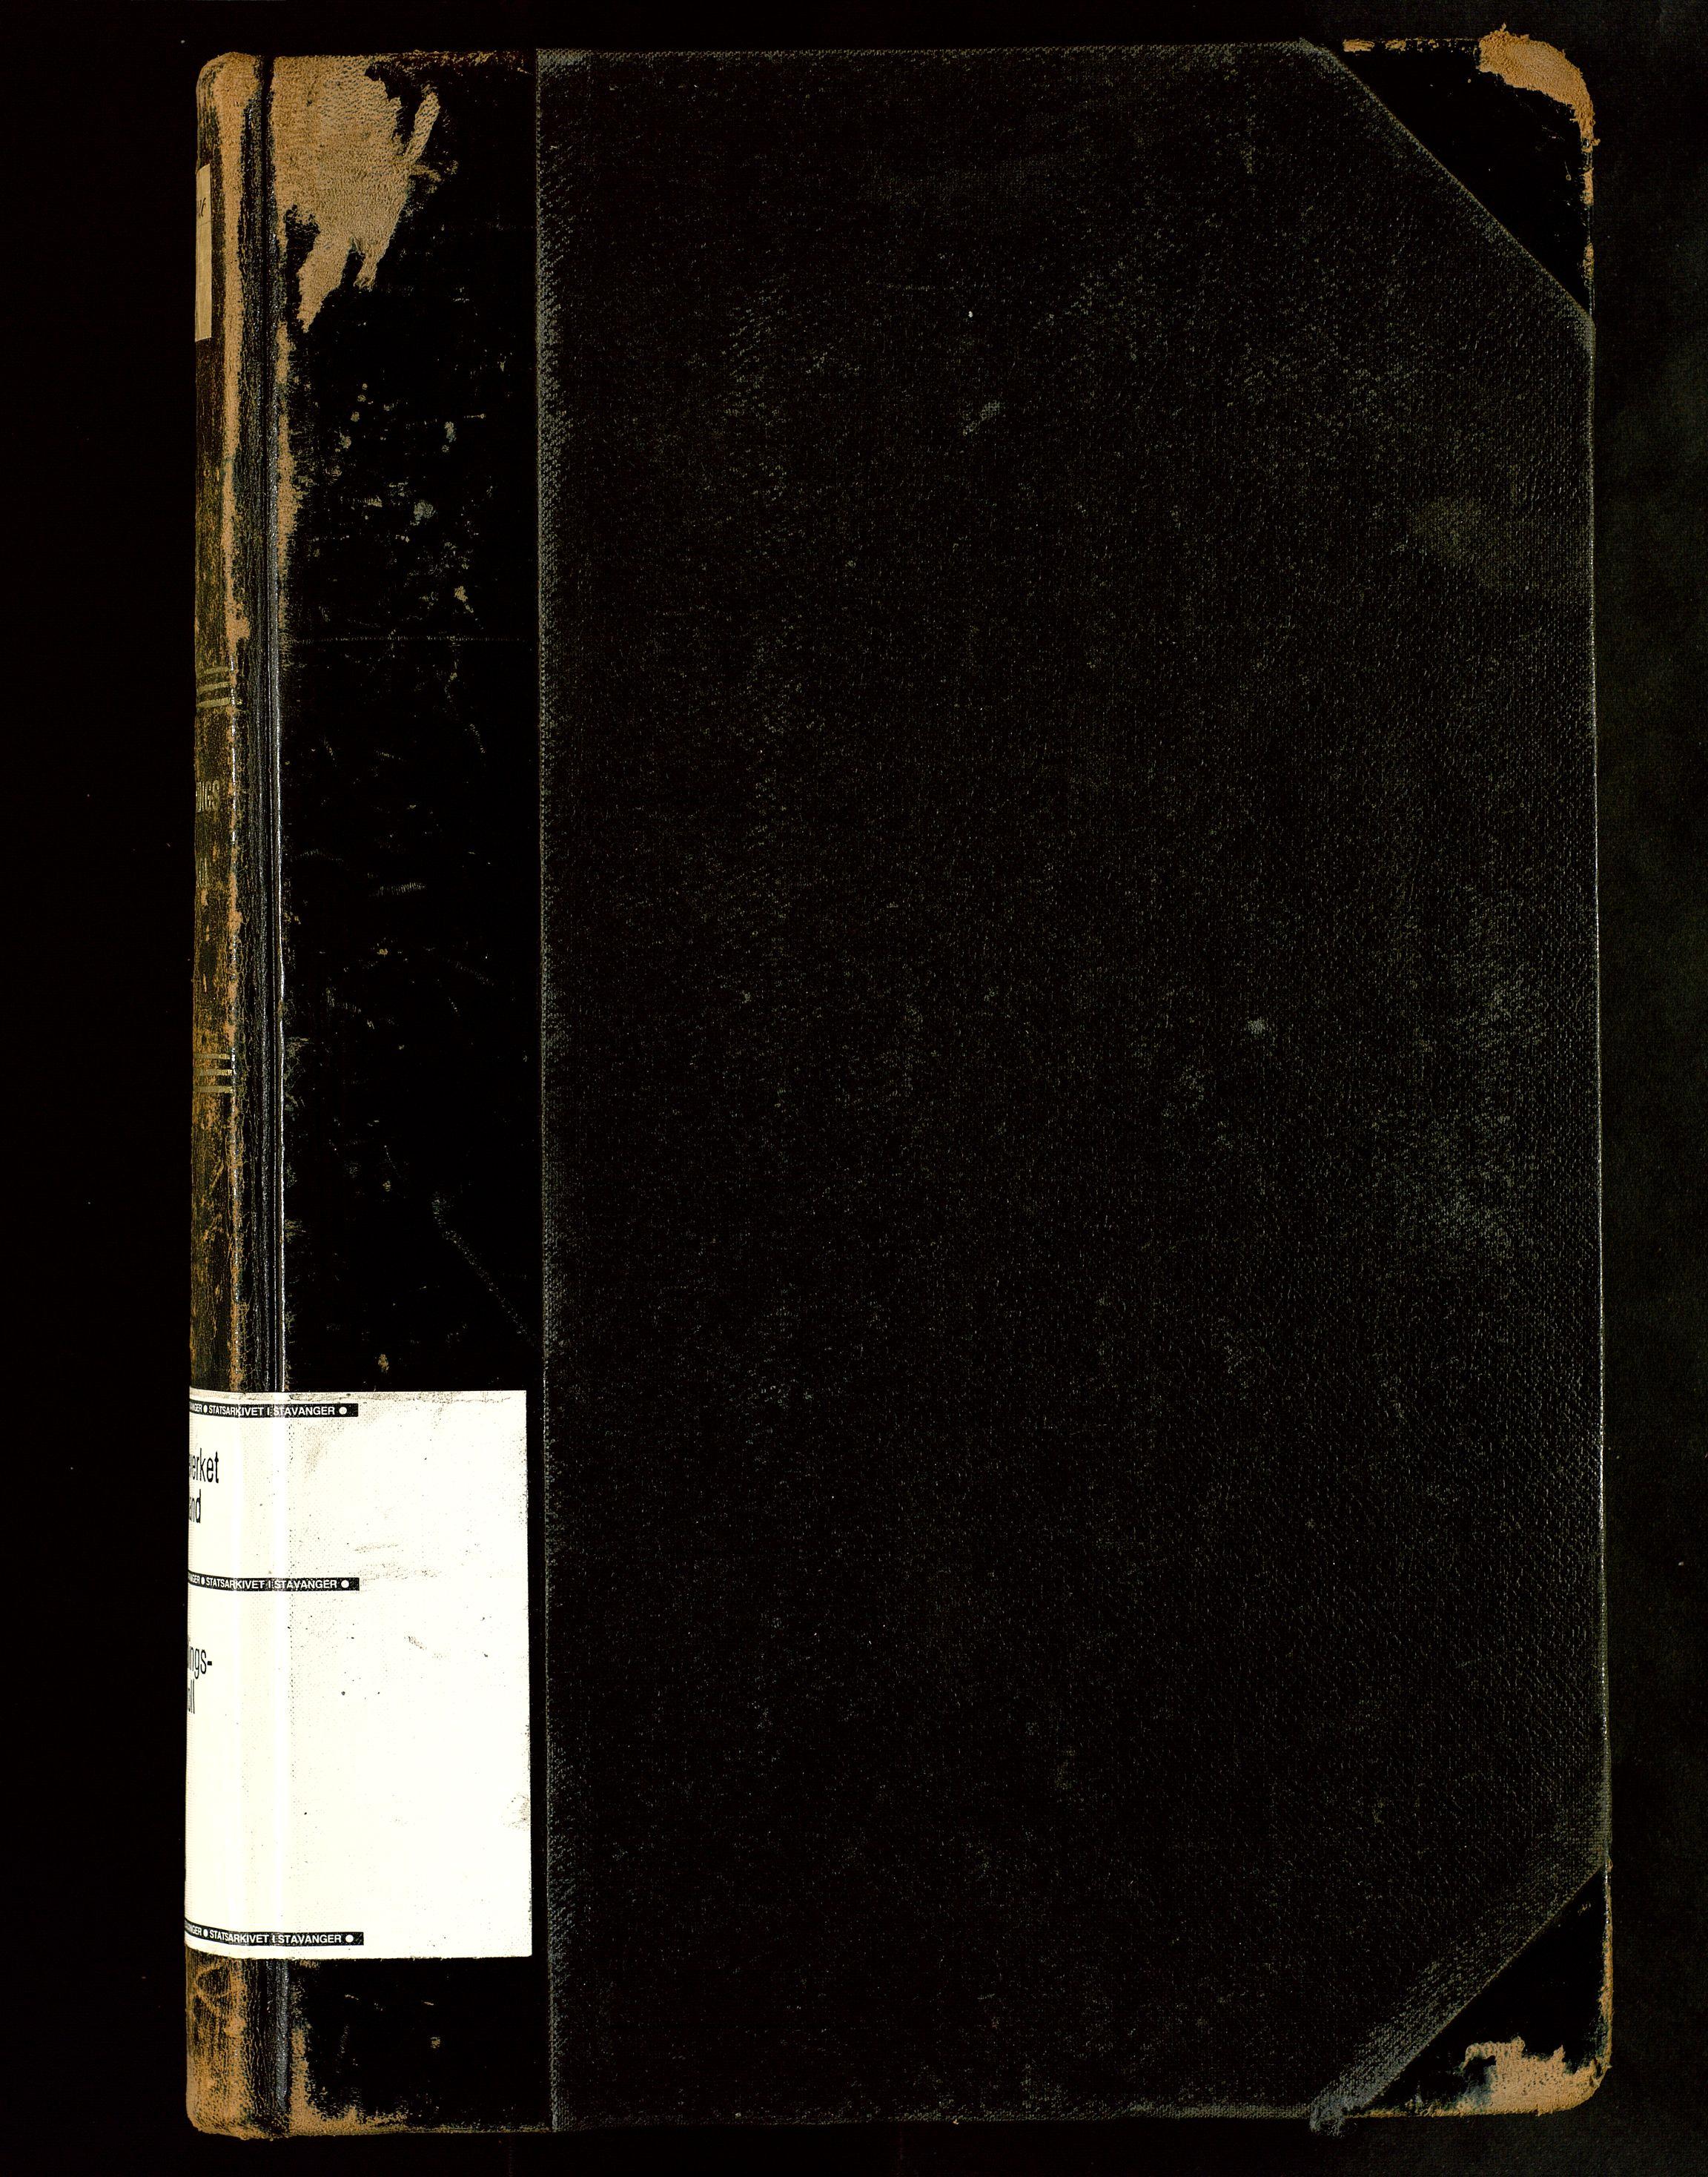 SAST, Rogaland jordskifterett, Oa/L0079: Forhandlingsprotokoll, 1924-1926